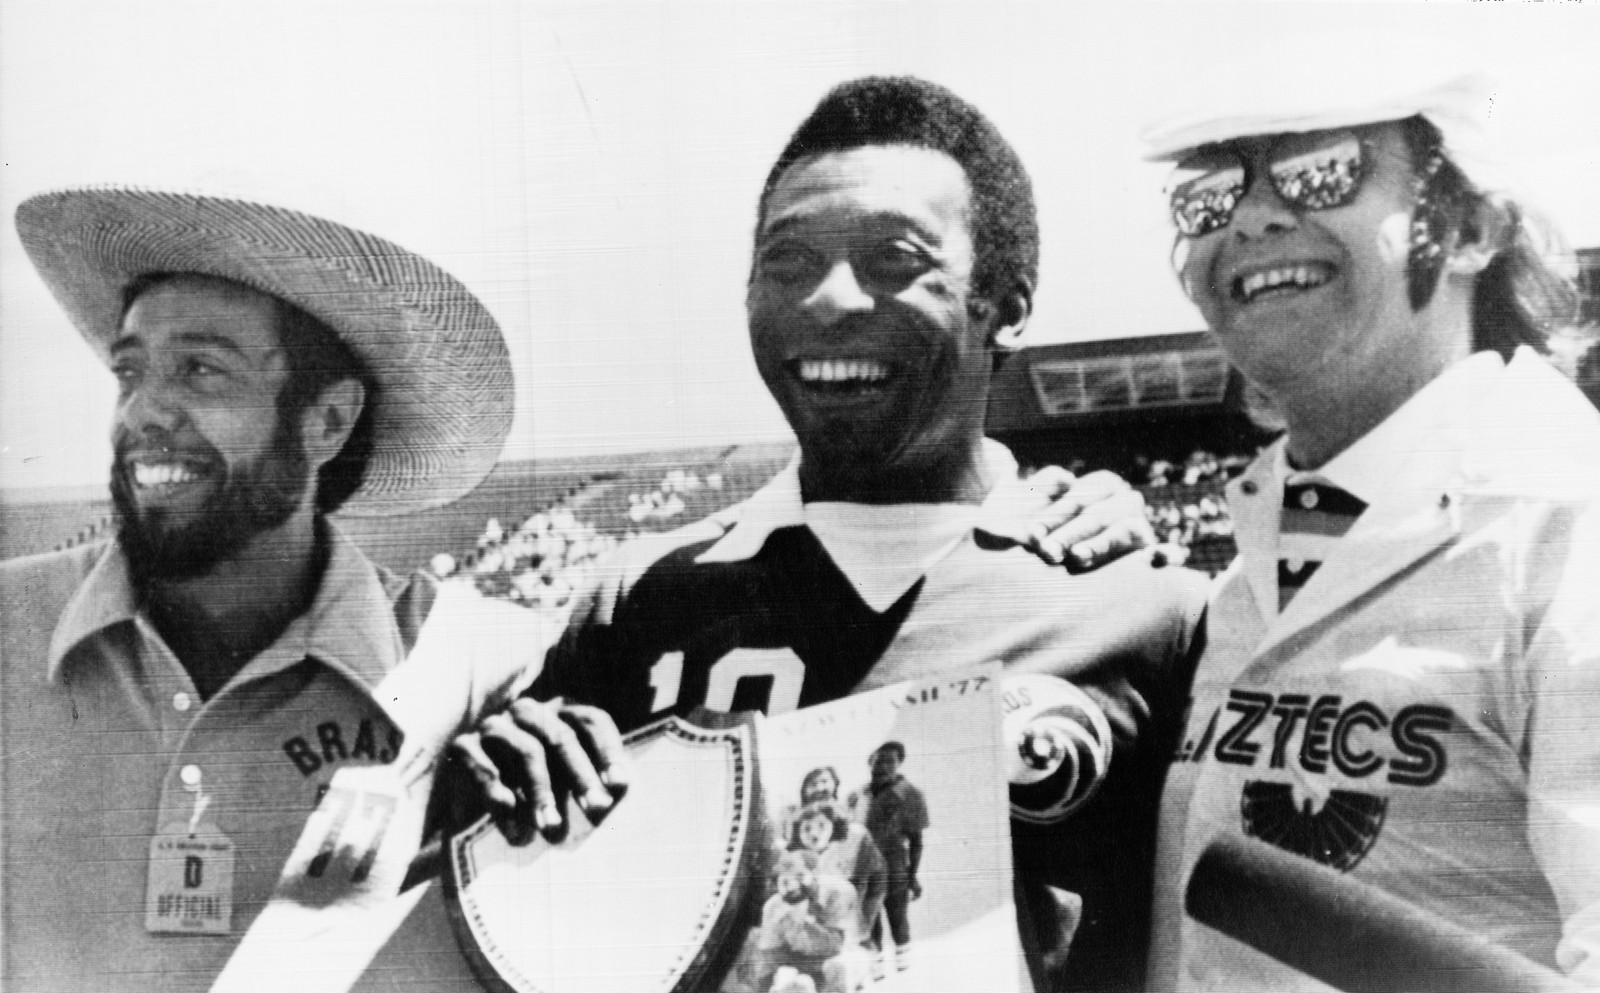 1977: Sergio Mendes, Pele og Elton John poserer før avspark i ein fotballkamp i Los Angeles 2. juli.